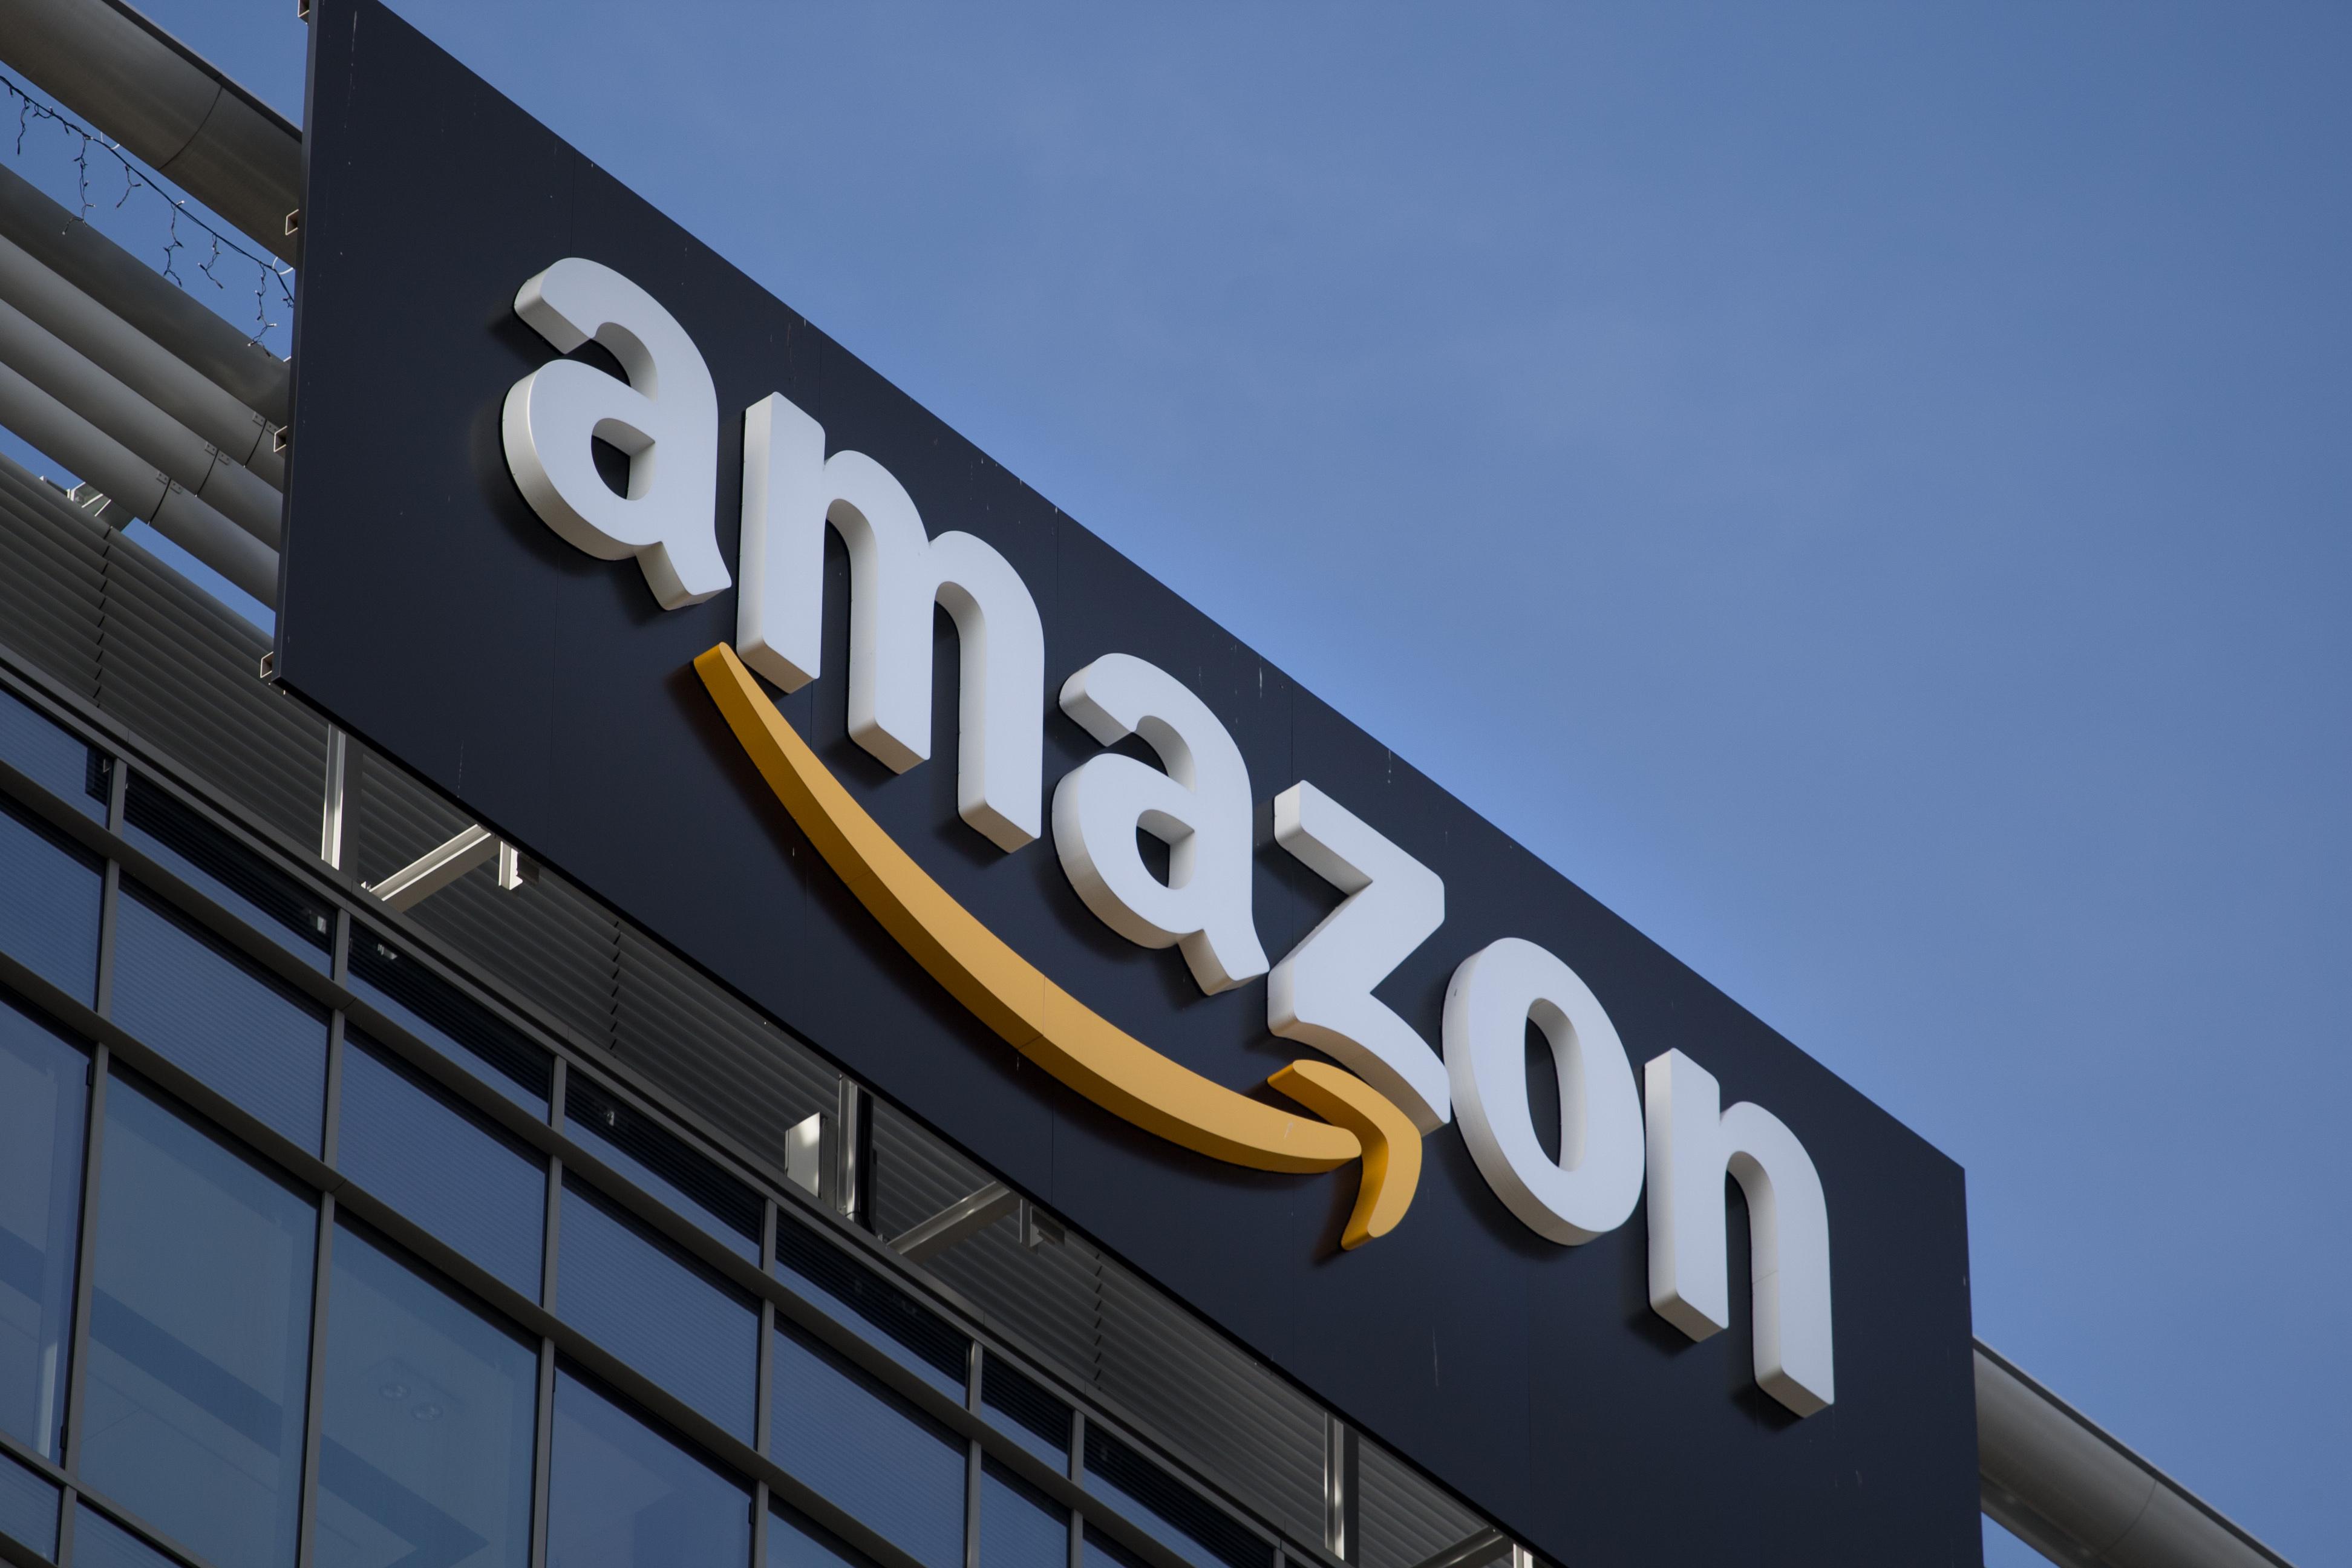 Amazon-ը մշակում է հայելի, որը թույլ կտա առանց տանից դուրս գալու հագուստ փորձել